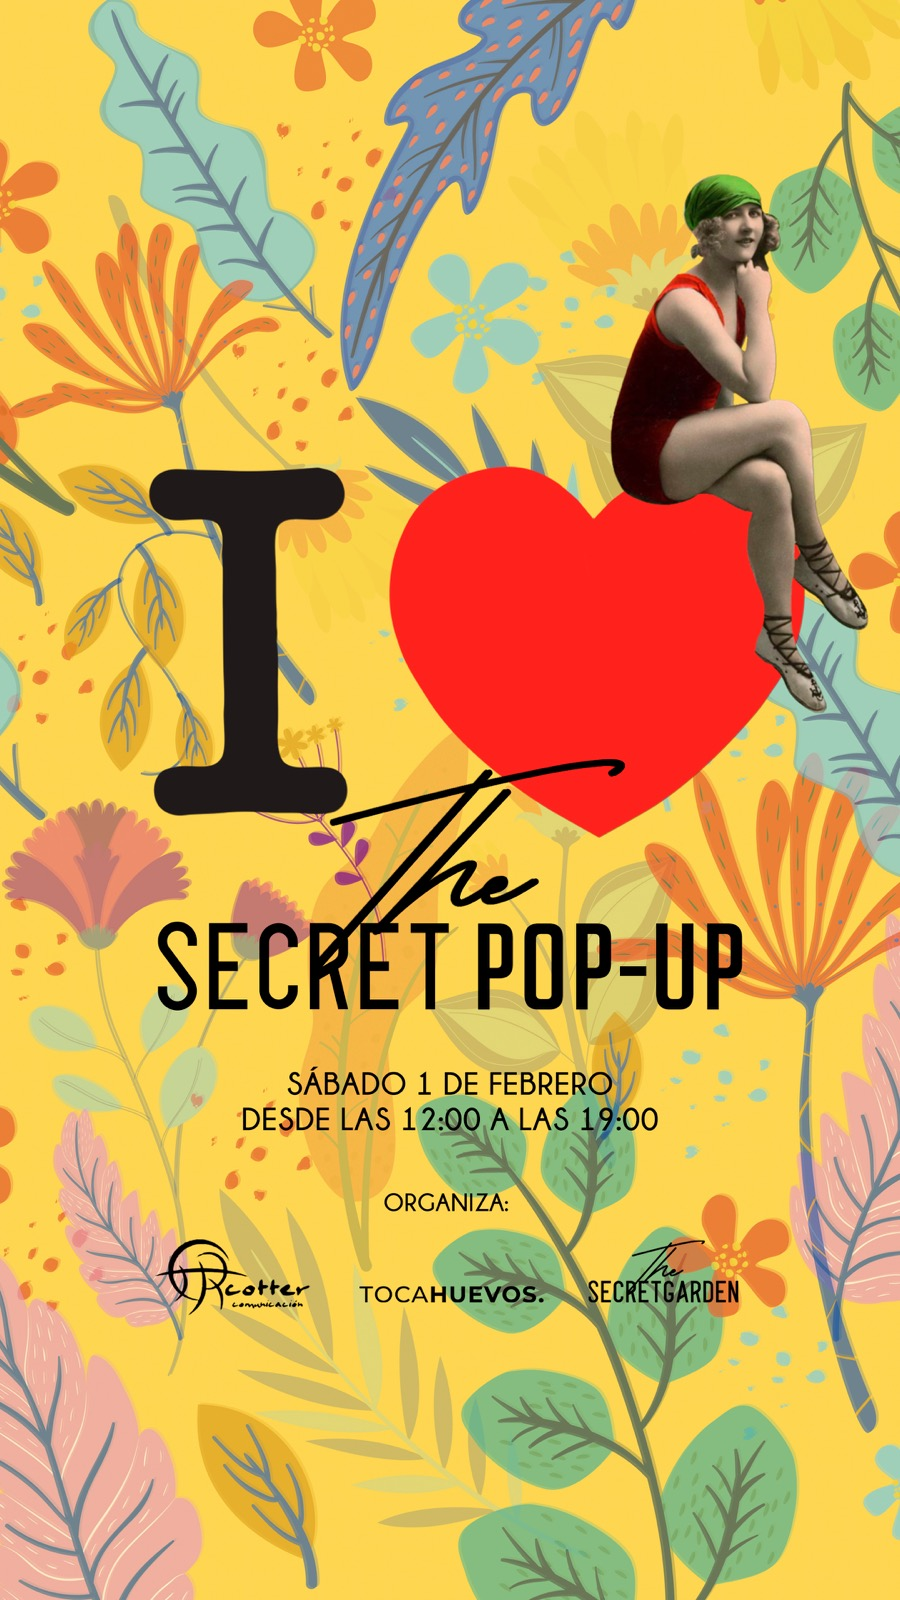 Malaga Malaga La próxima edición del pop up The Secret Garden se celebrará el próximo sábado 1 de febrero